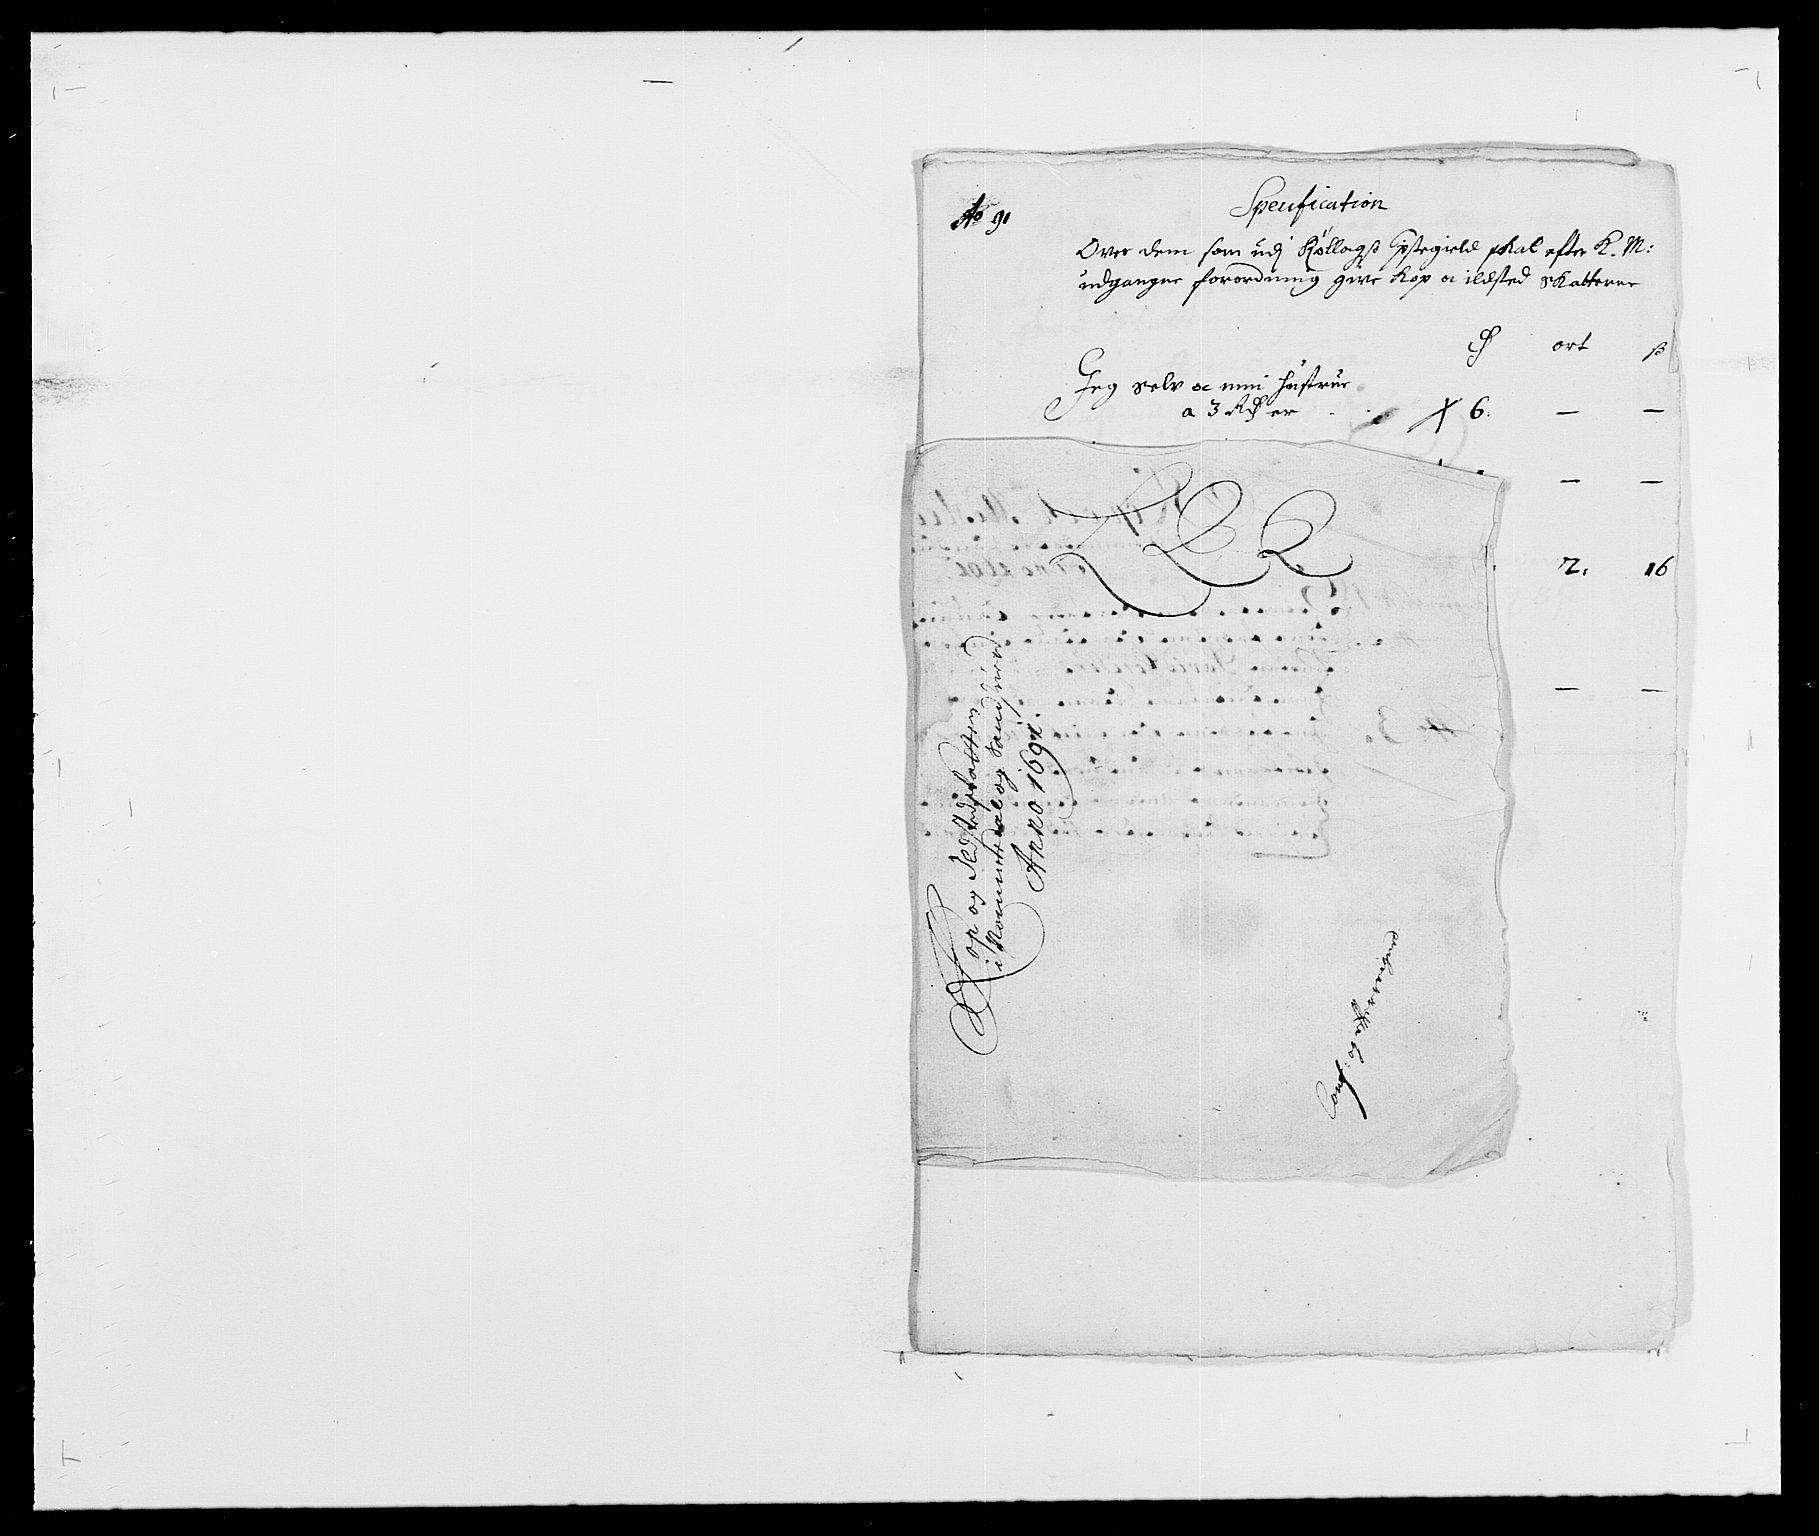 RA, Rentekammeret inntil 1814, Reviderte regnskaper, Fogderegnskap, R24/L1573: Fogderegnskap Numedal og Sandsvær, 1687-1691, s. 525